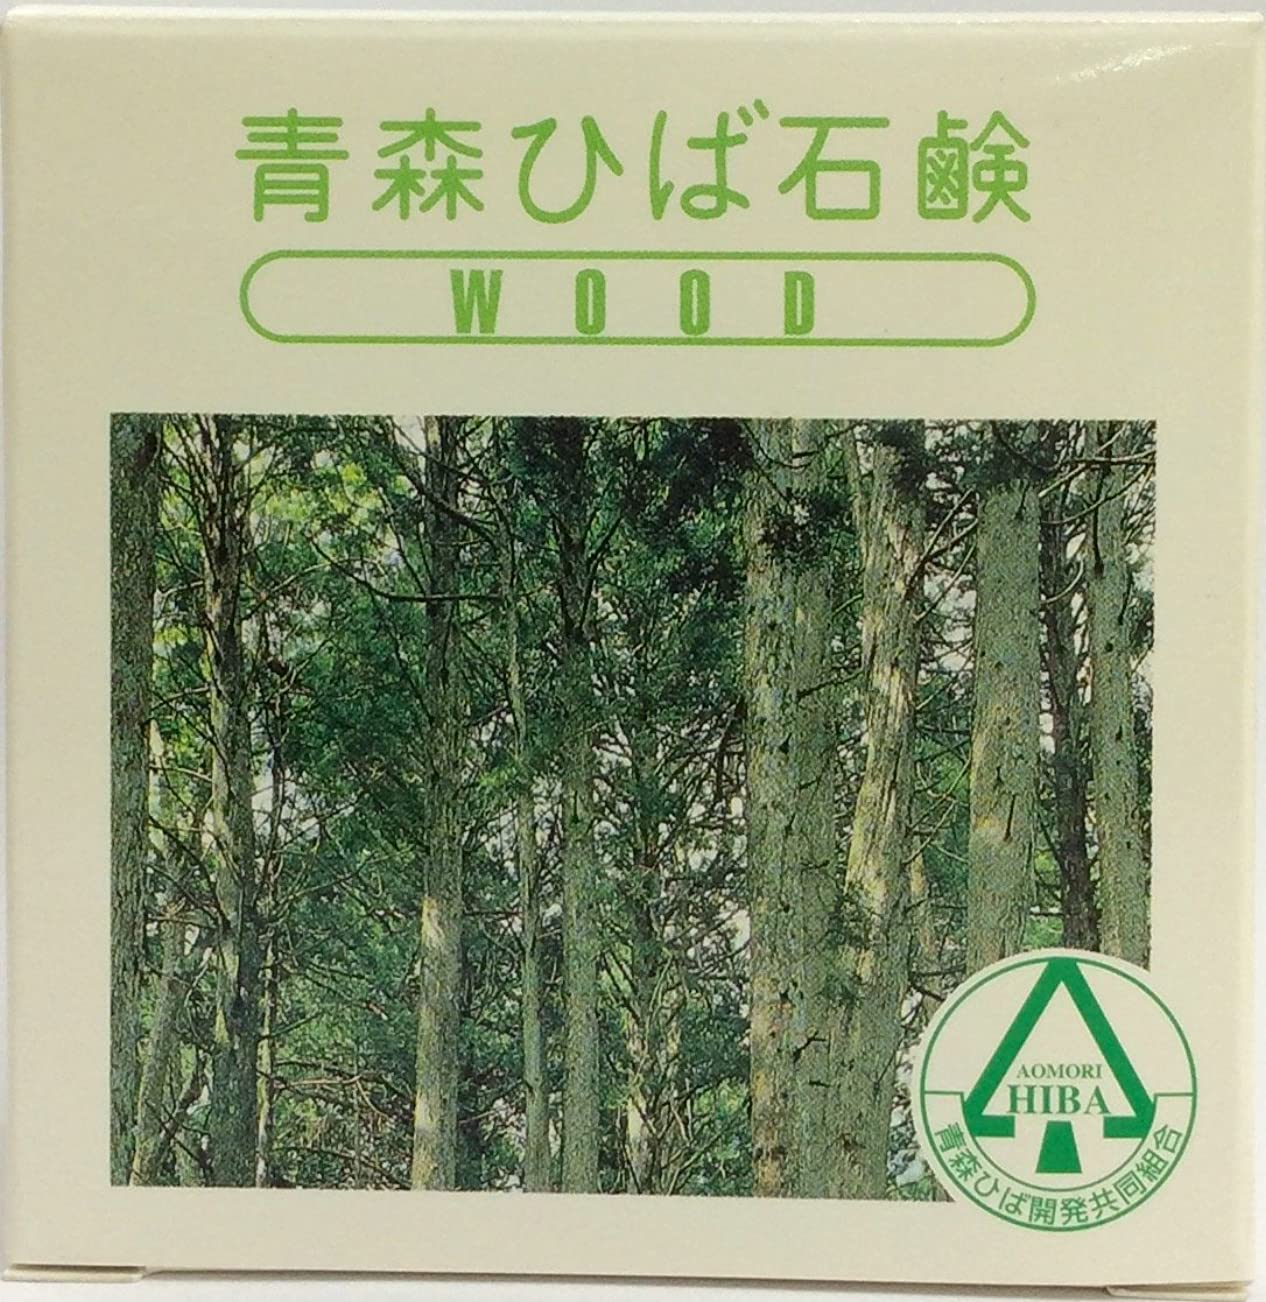 比較検出器ヒープ青森ひば石鹸 WOOD 95g クラウンウッド(Y)